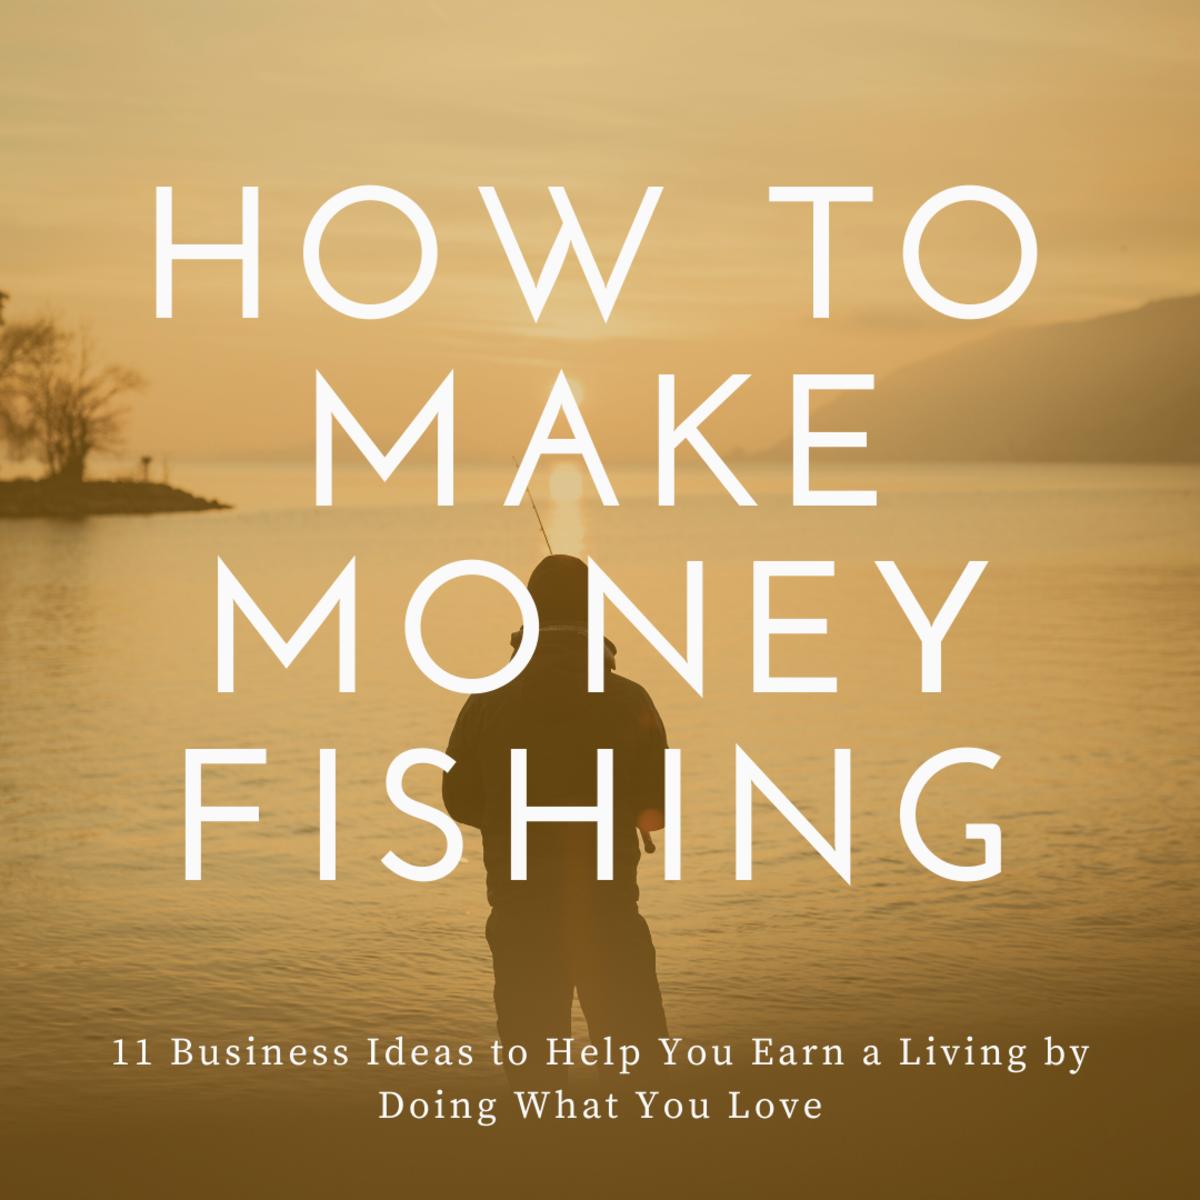 想知道你能不能以钓鱼为生?这些想法可能会对你有所帮助。